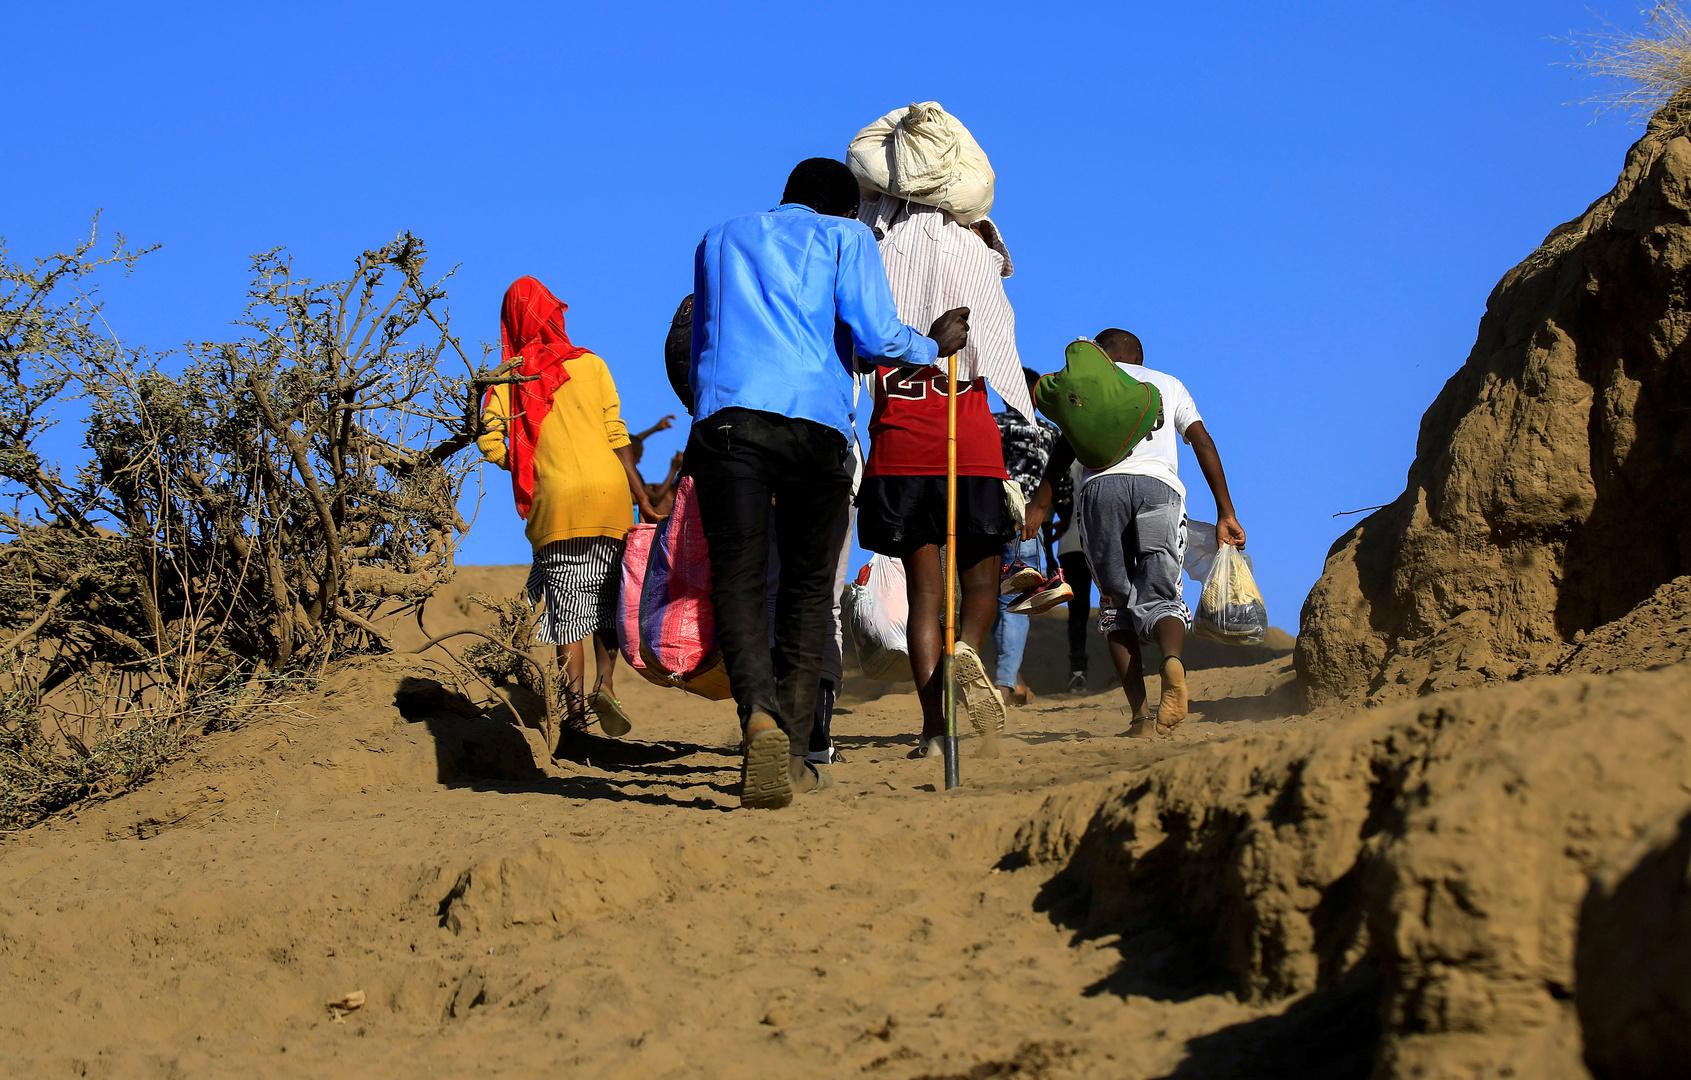 الأمم المتحدة ولجنة حقوق الإنسان الإثيوبية تطلقان تحقيقا مشتركا في انتهاكات تيغراي